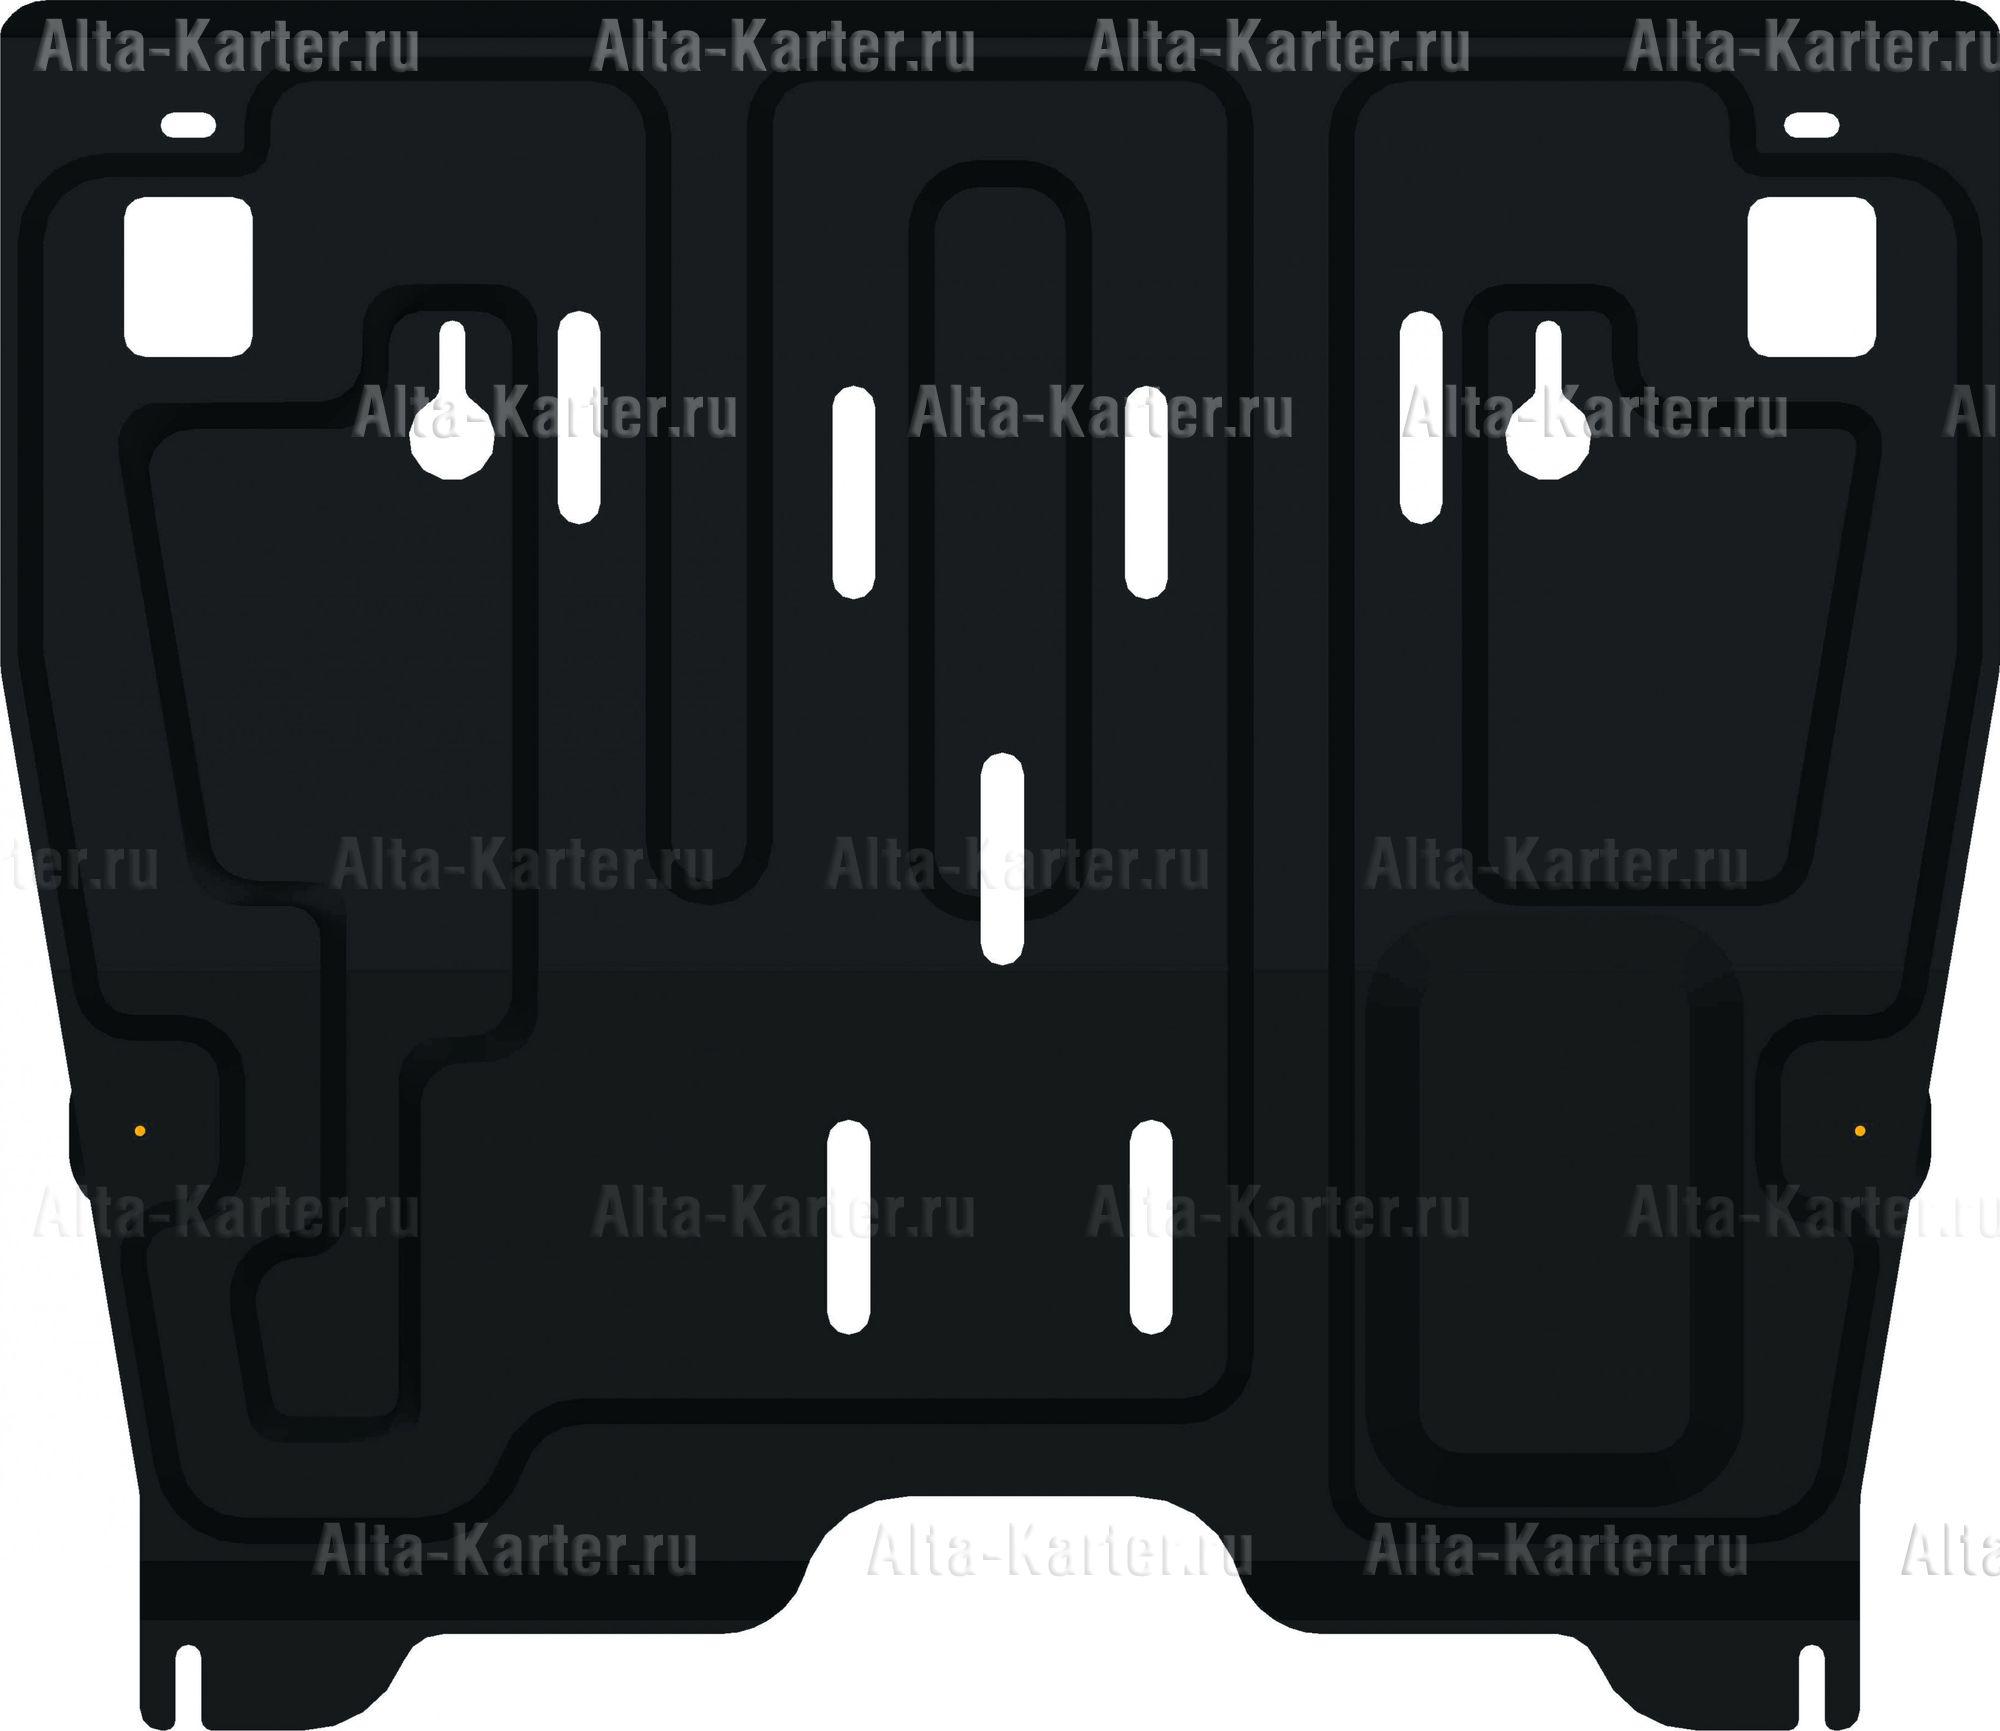 Защита Alfeco для картера и КПП Nissan Teana L33 2014-2021. Артикул ALF.15.45